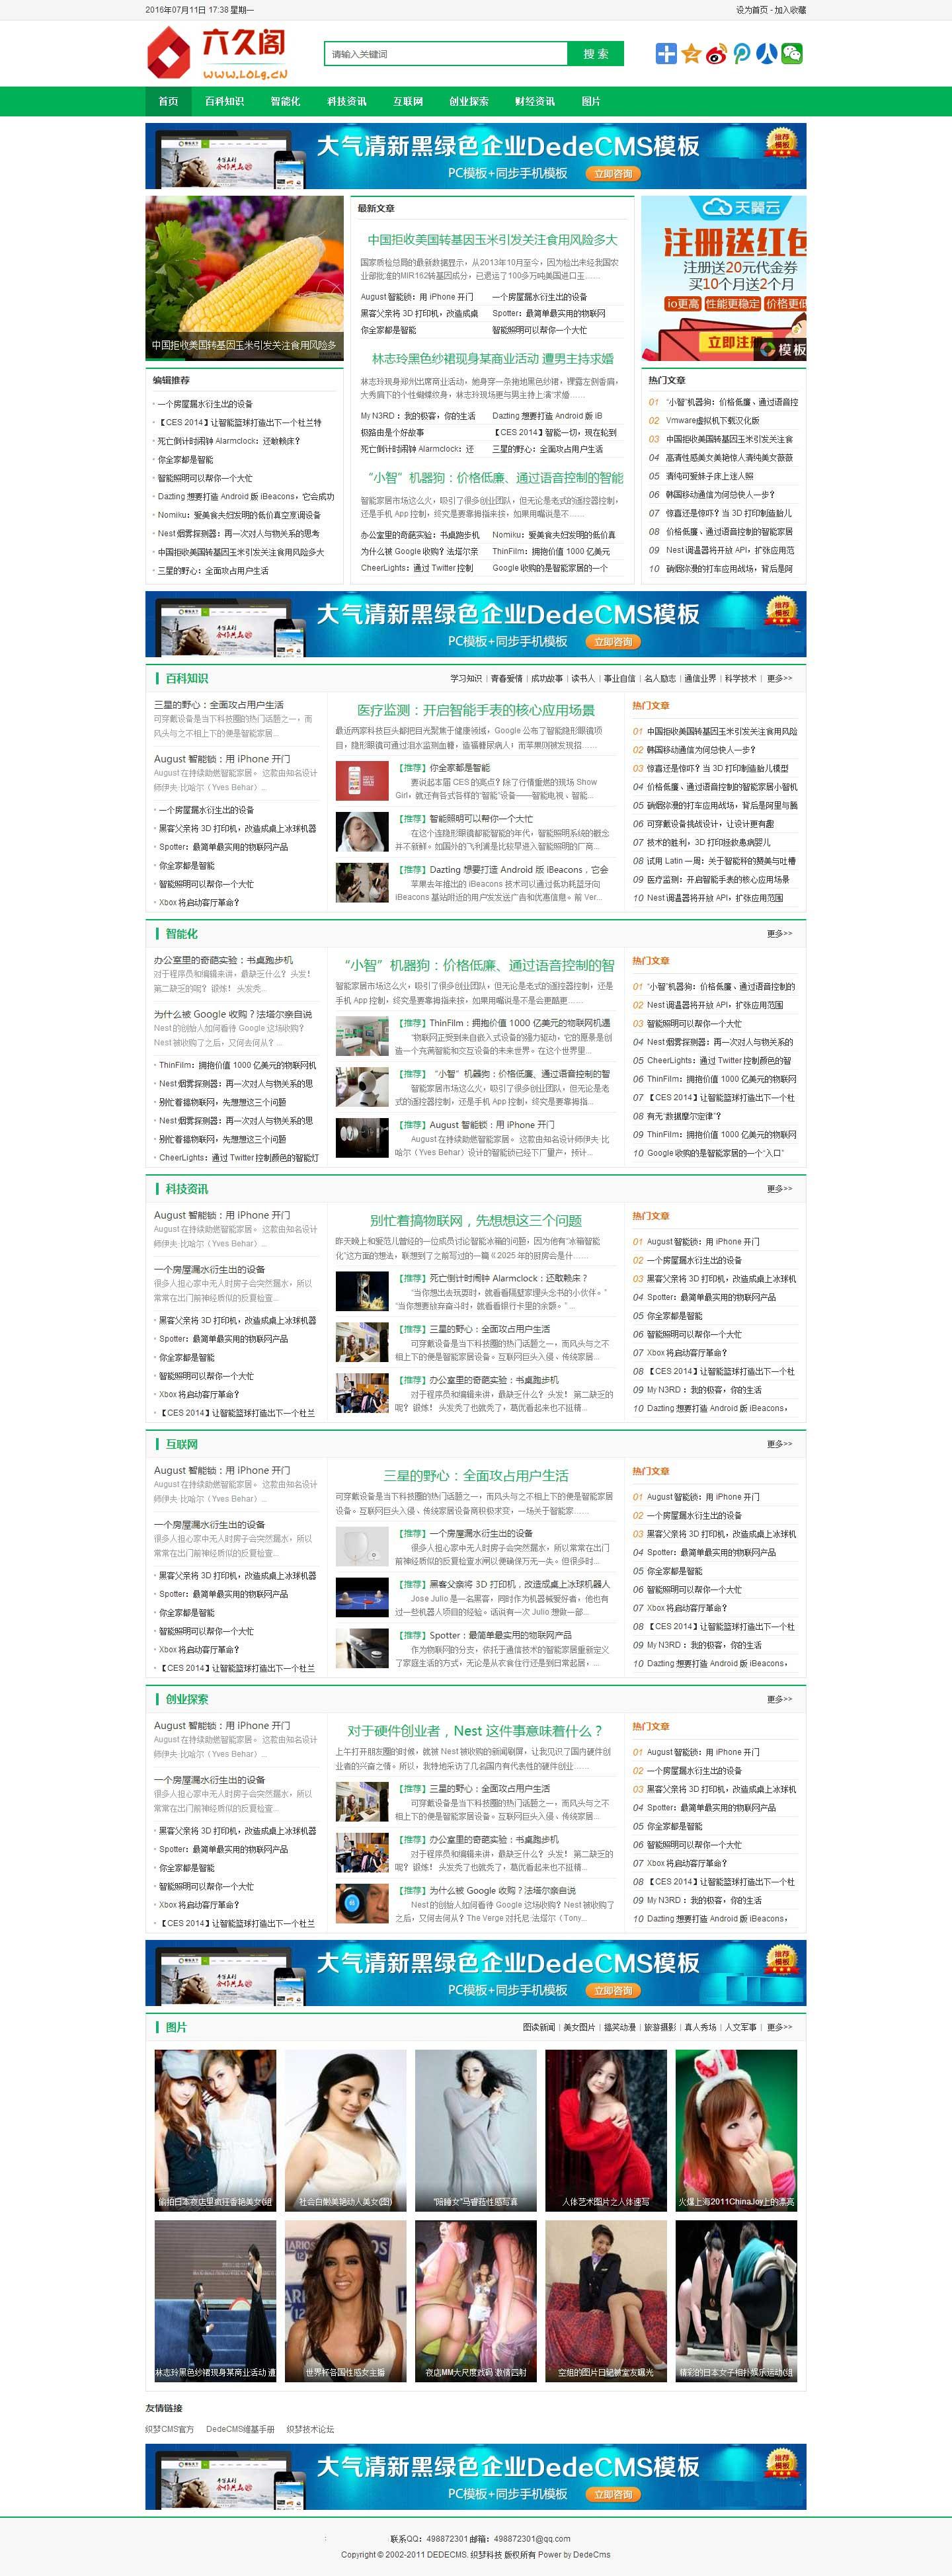 绿色新闻资讯织梦模板带测试数据